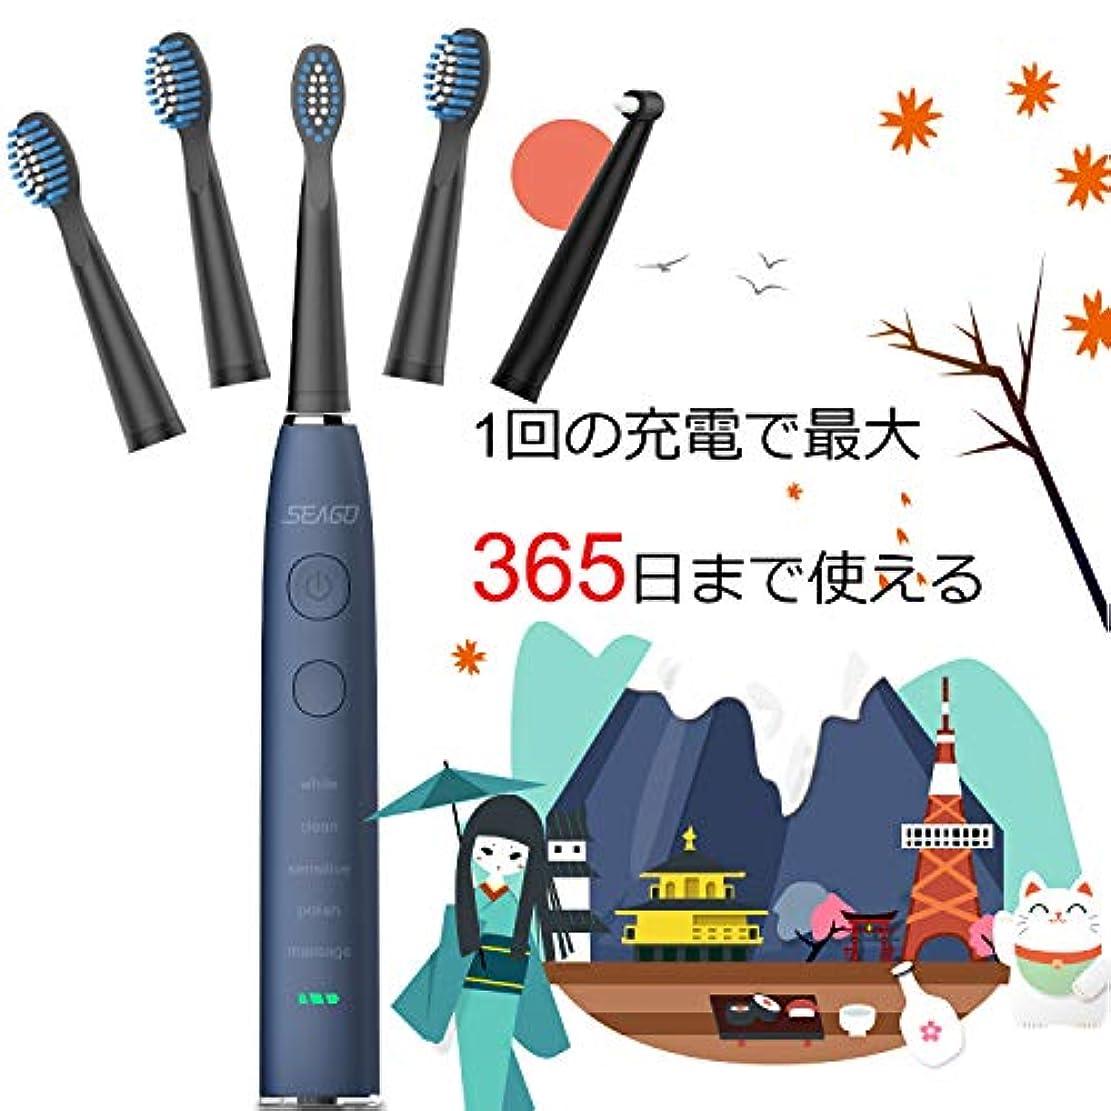 穏やかな寛容な市の花電動歯ブラシ 歯ブラシ seago 音波歯ブラシ USB充電式8時間 365日に使用 IPX7防水 五つモードと2分オートタイマー機能搭載 替えブラシ5本 12ヶ月メーカー保証 SG-575(ブルー)